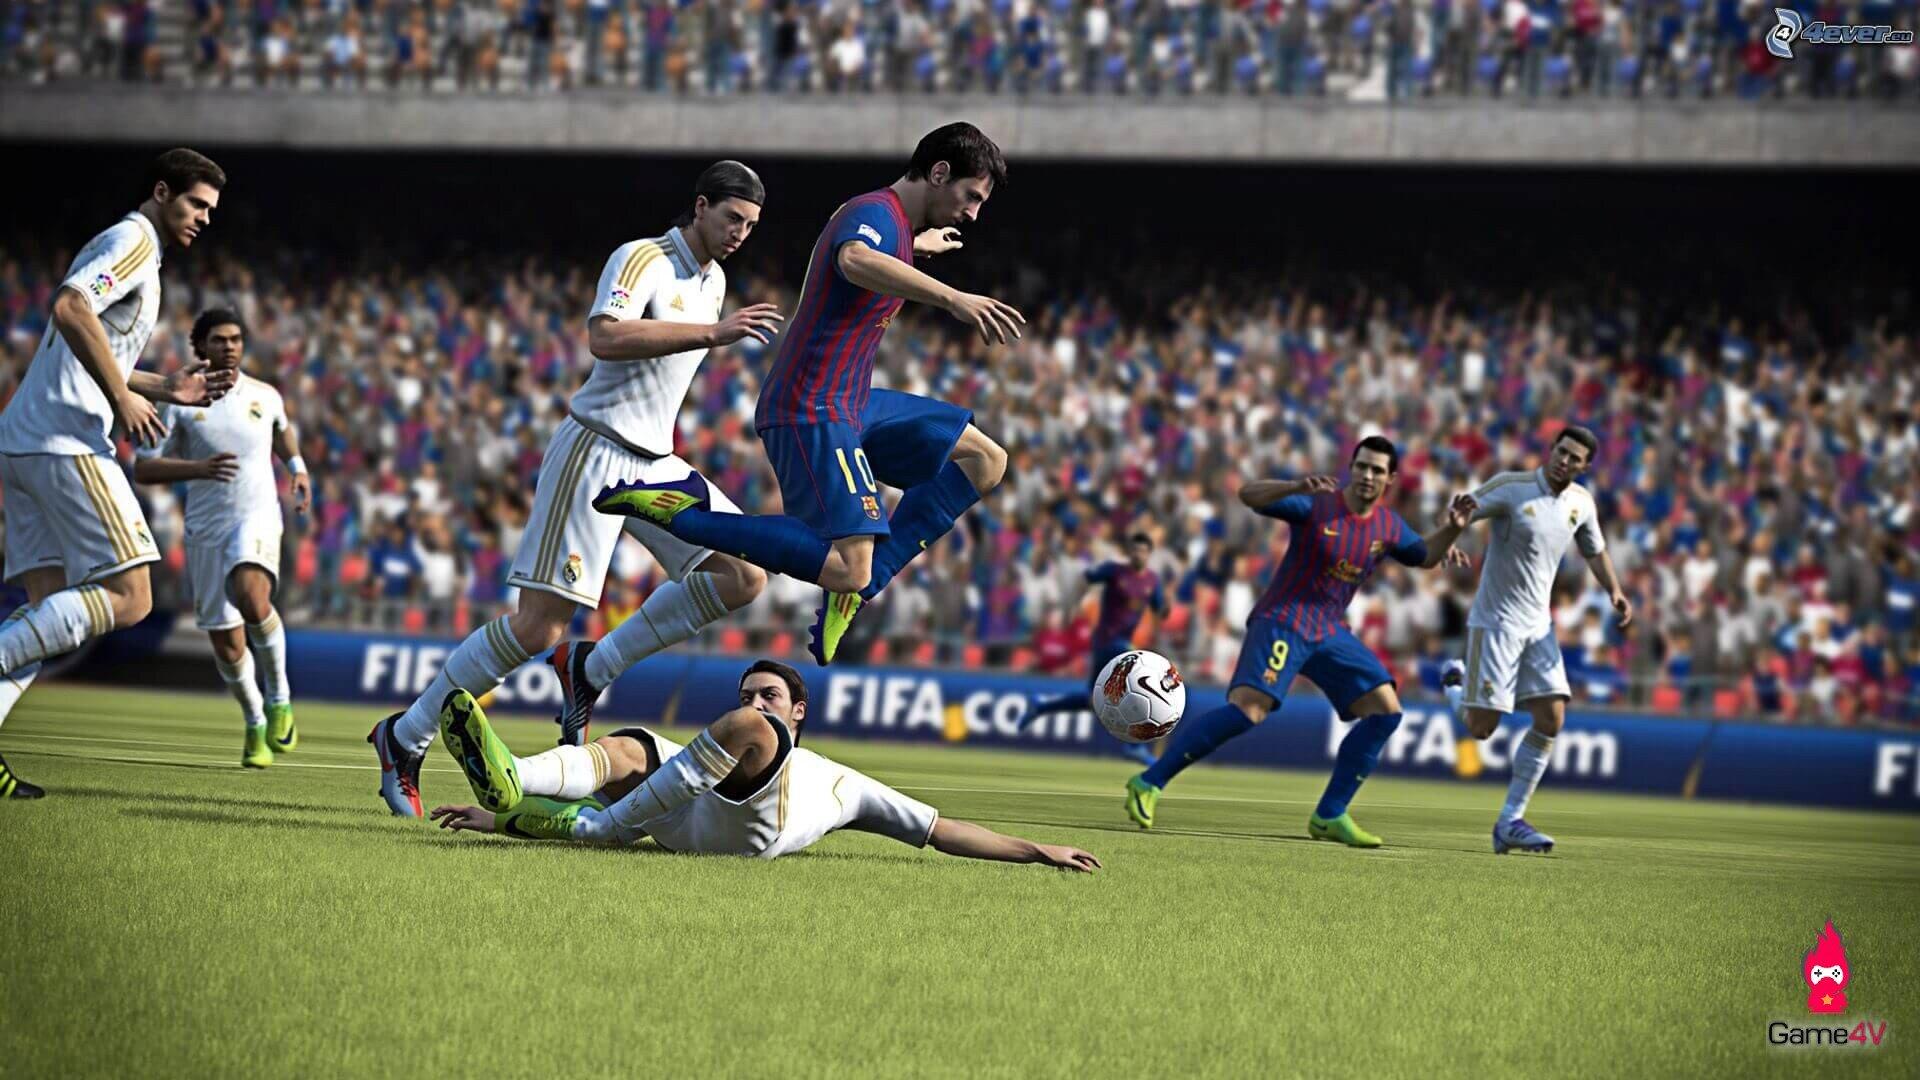 FIFA cũng là một tựa game khá hot trên Nintendo Switch